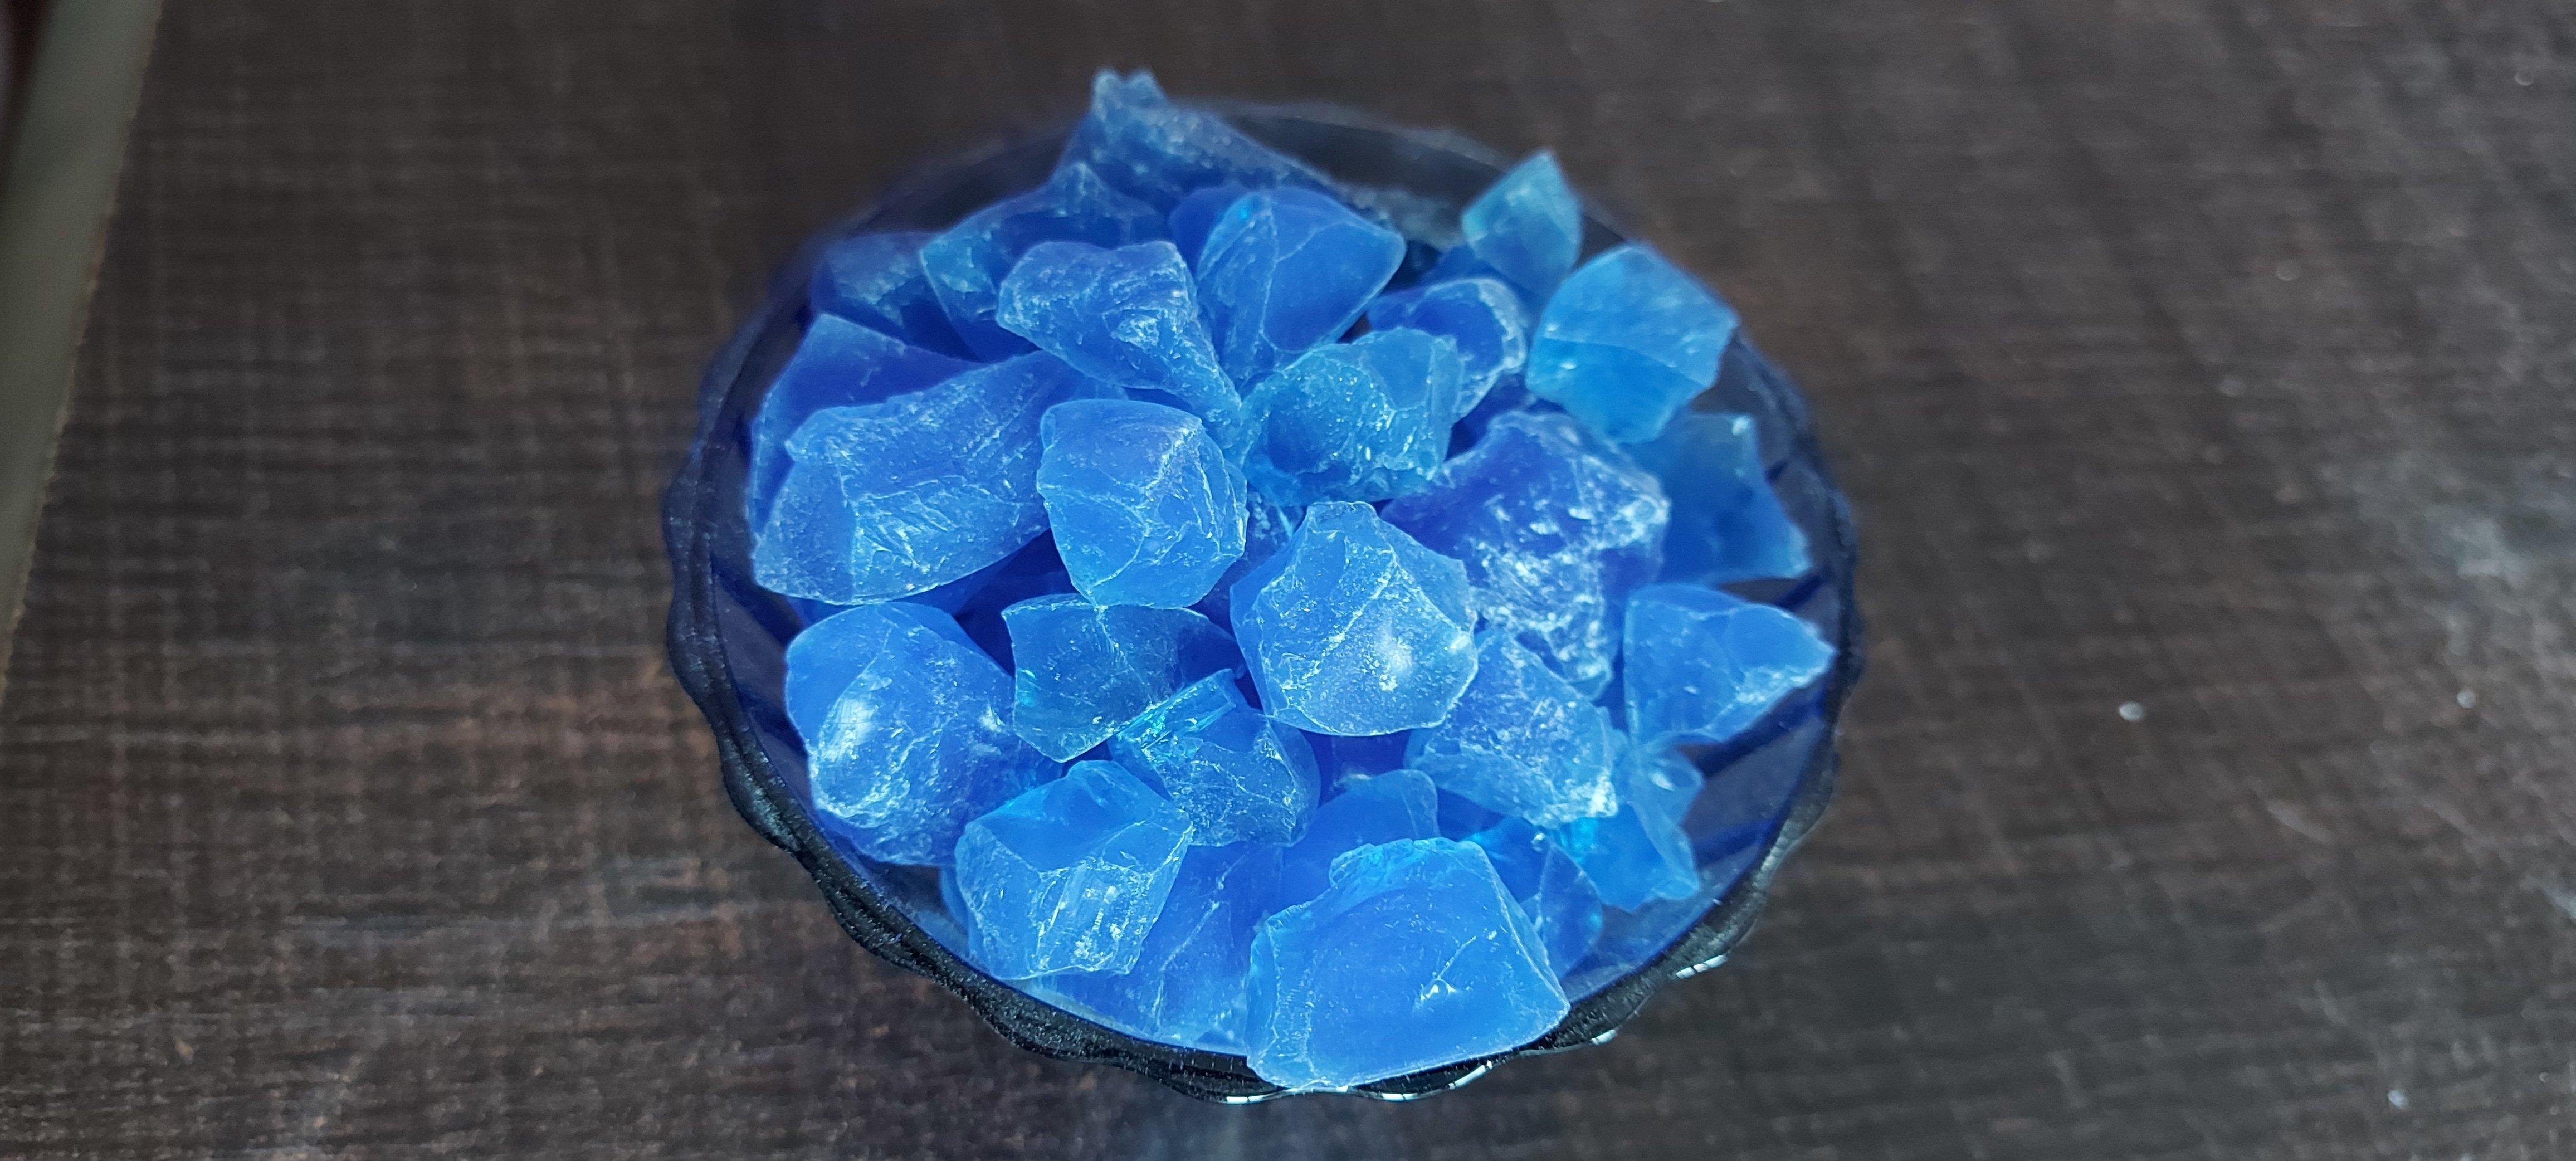 Blue Silica Gel 9-16 Mesh